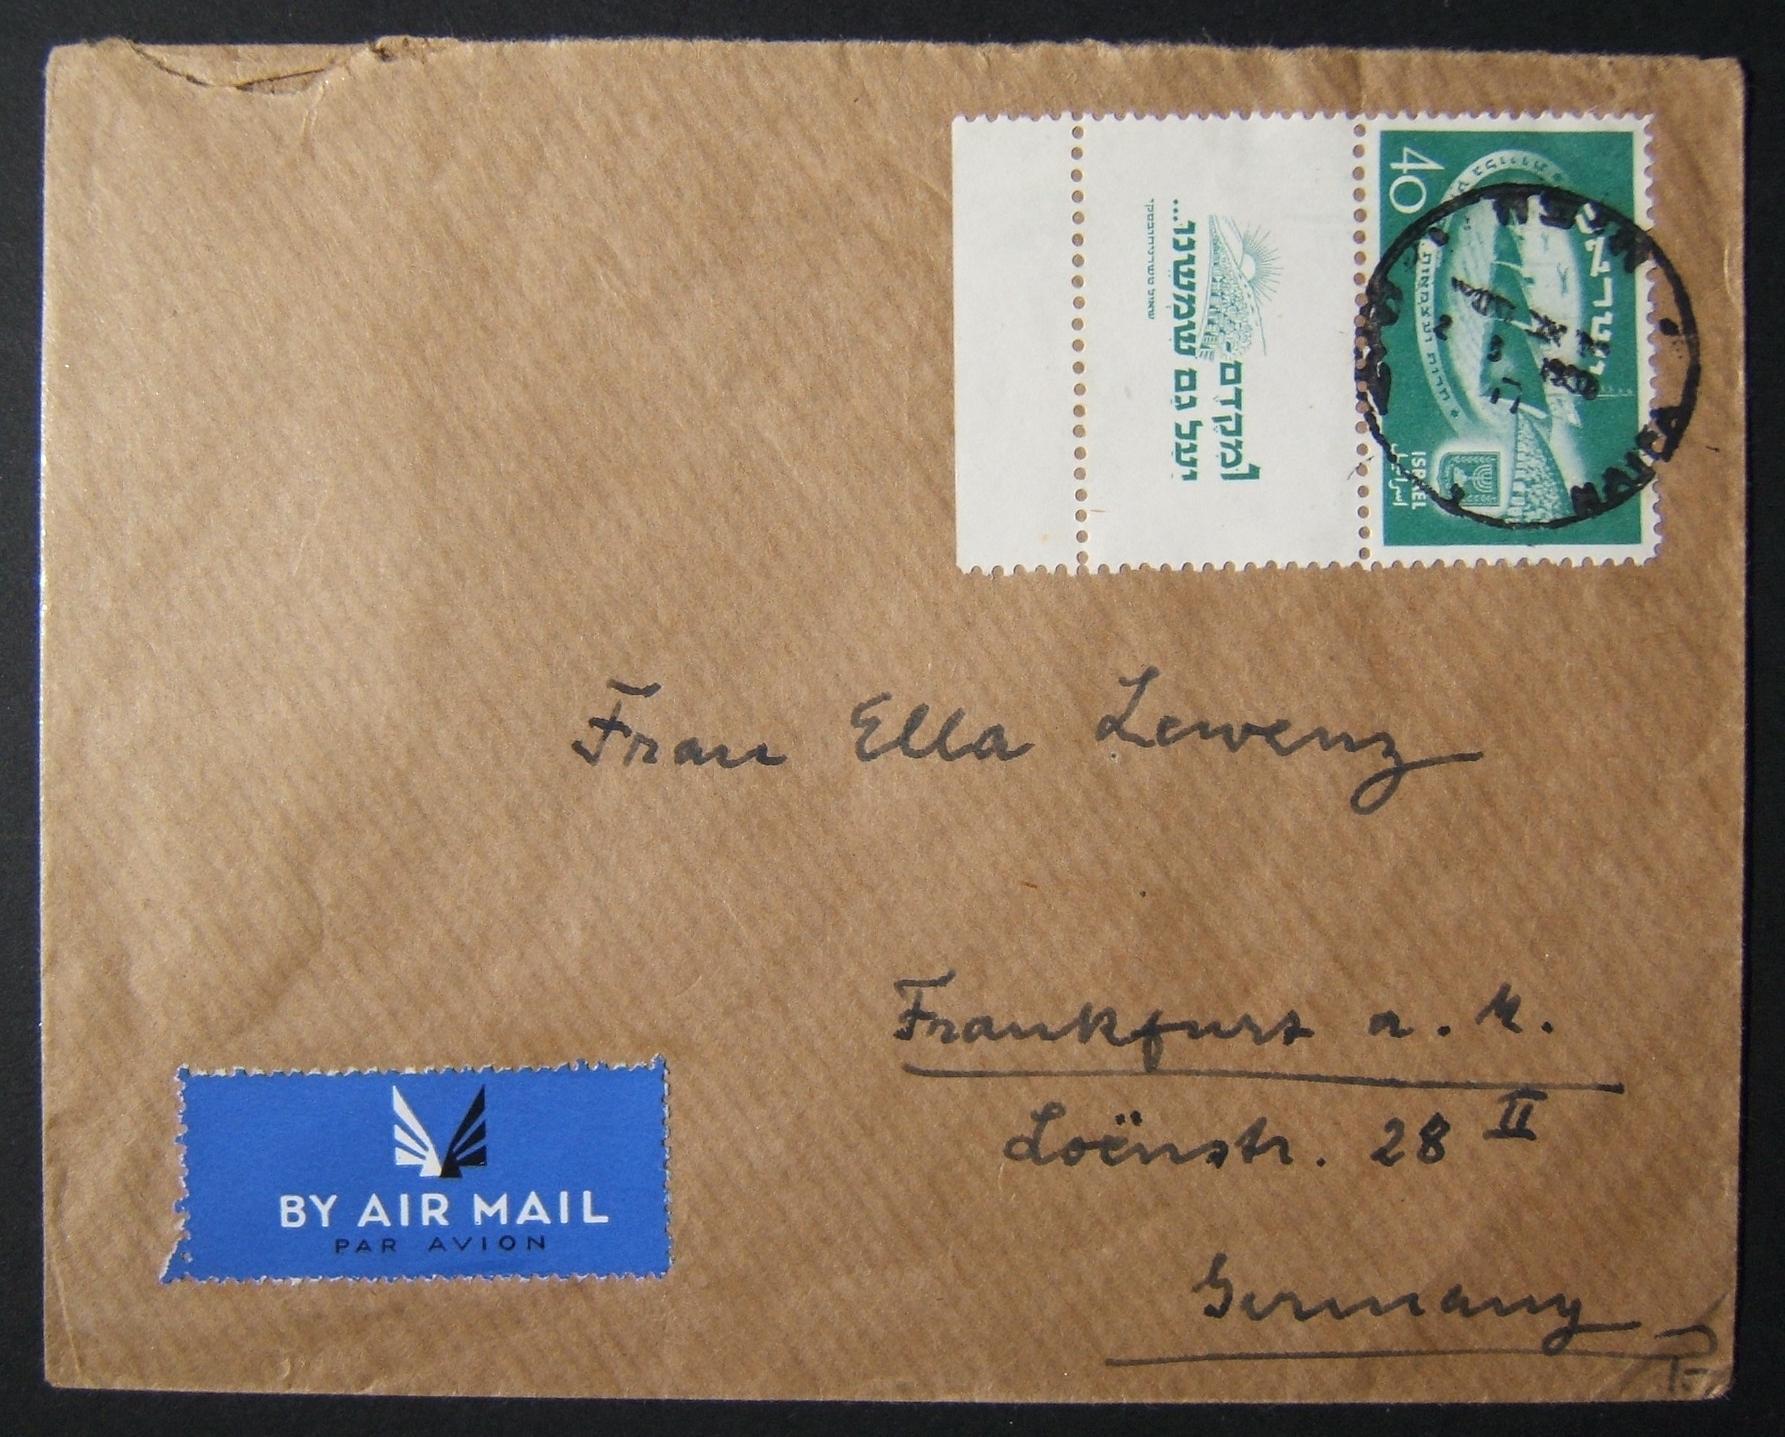 8/1950 البريد الجوي إلى ألمانيا باستخدام طابور واحد كامل يوم 40pr الاستقلال يوم واحد